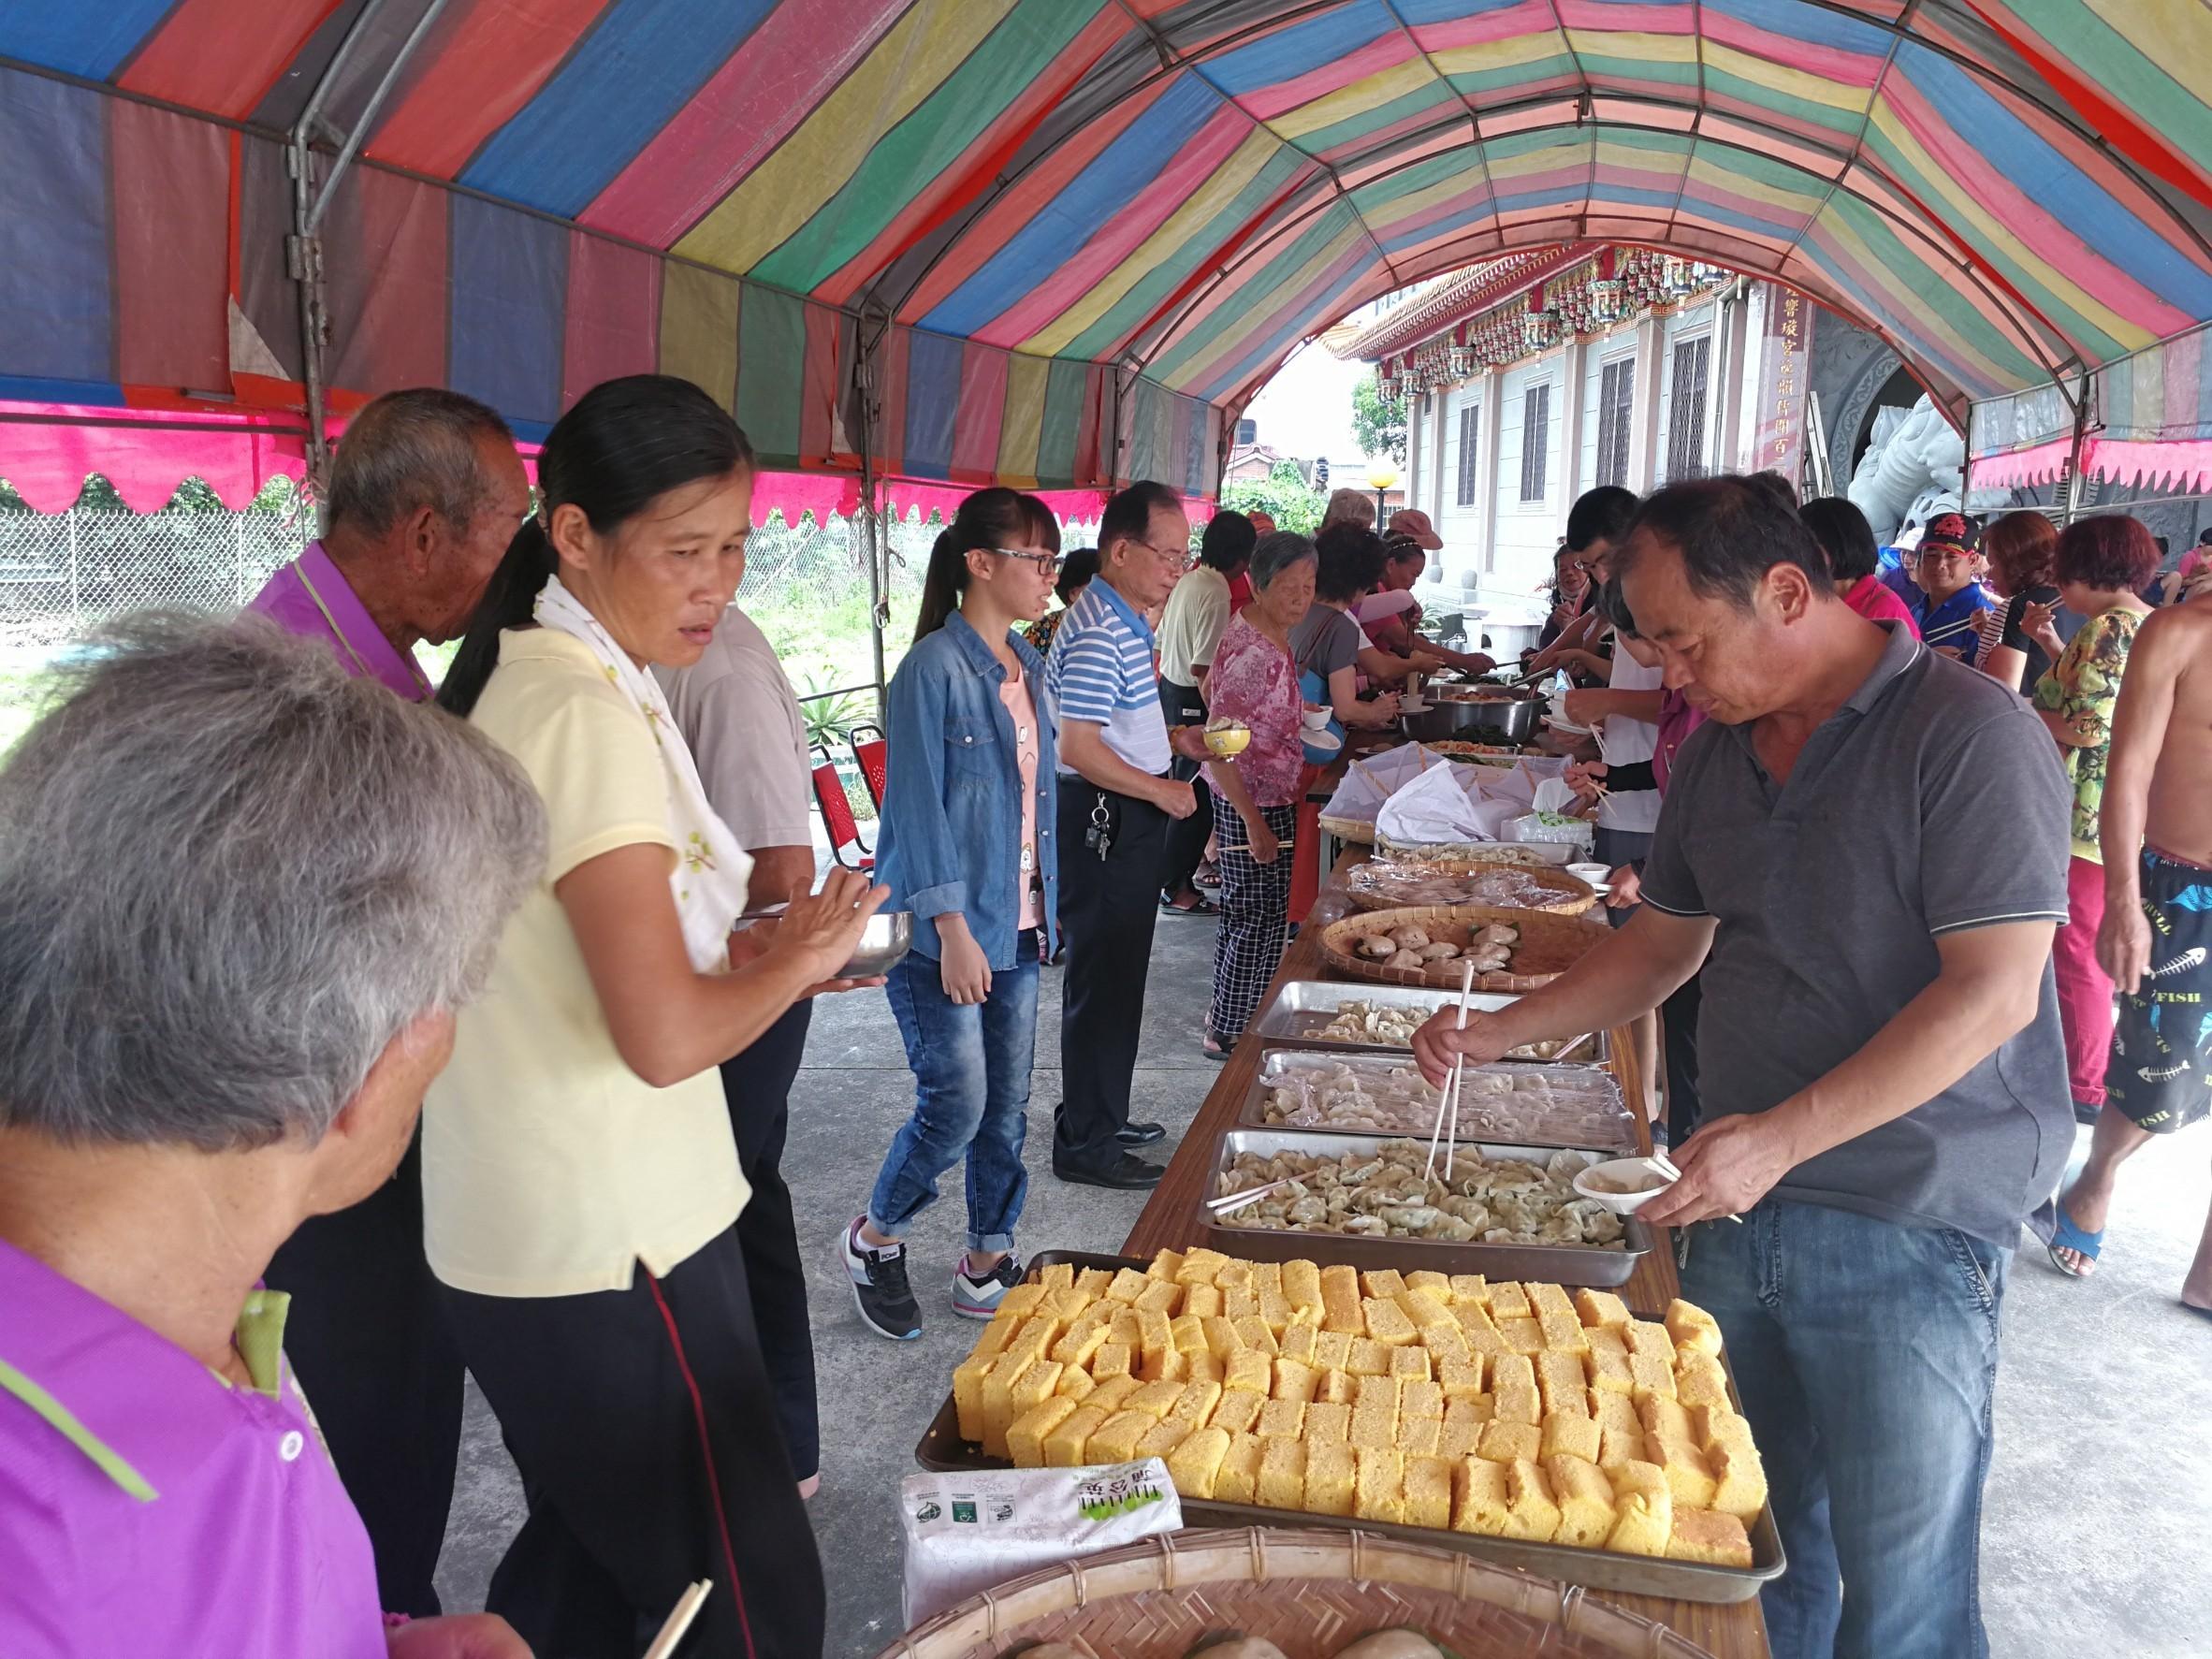 附近的塗師社區運用在地盛產的南瓜製作蛋糕,與六斗社區的好朋友們一同分享。(106.08.26)